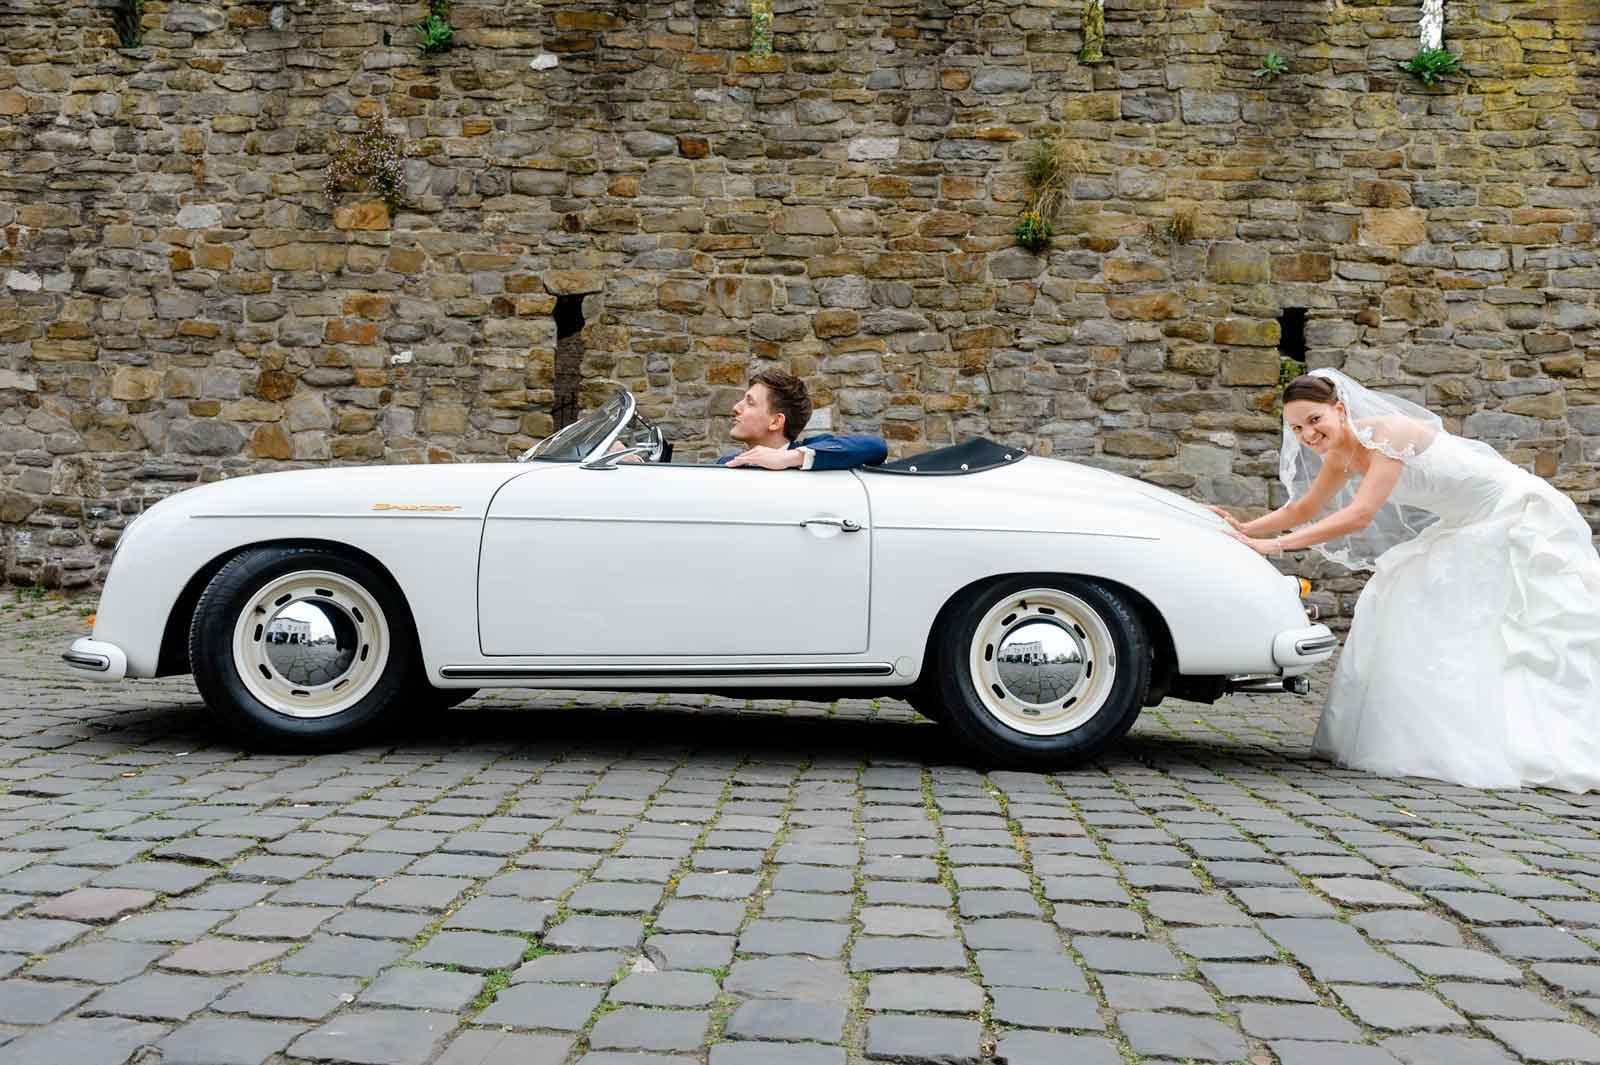 Bruid duwt old-timer trouwauto vooruit bij de helpoort Stadspark te Maastricht